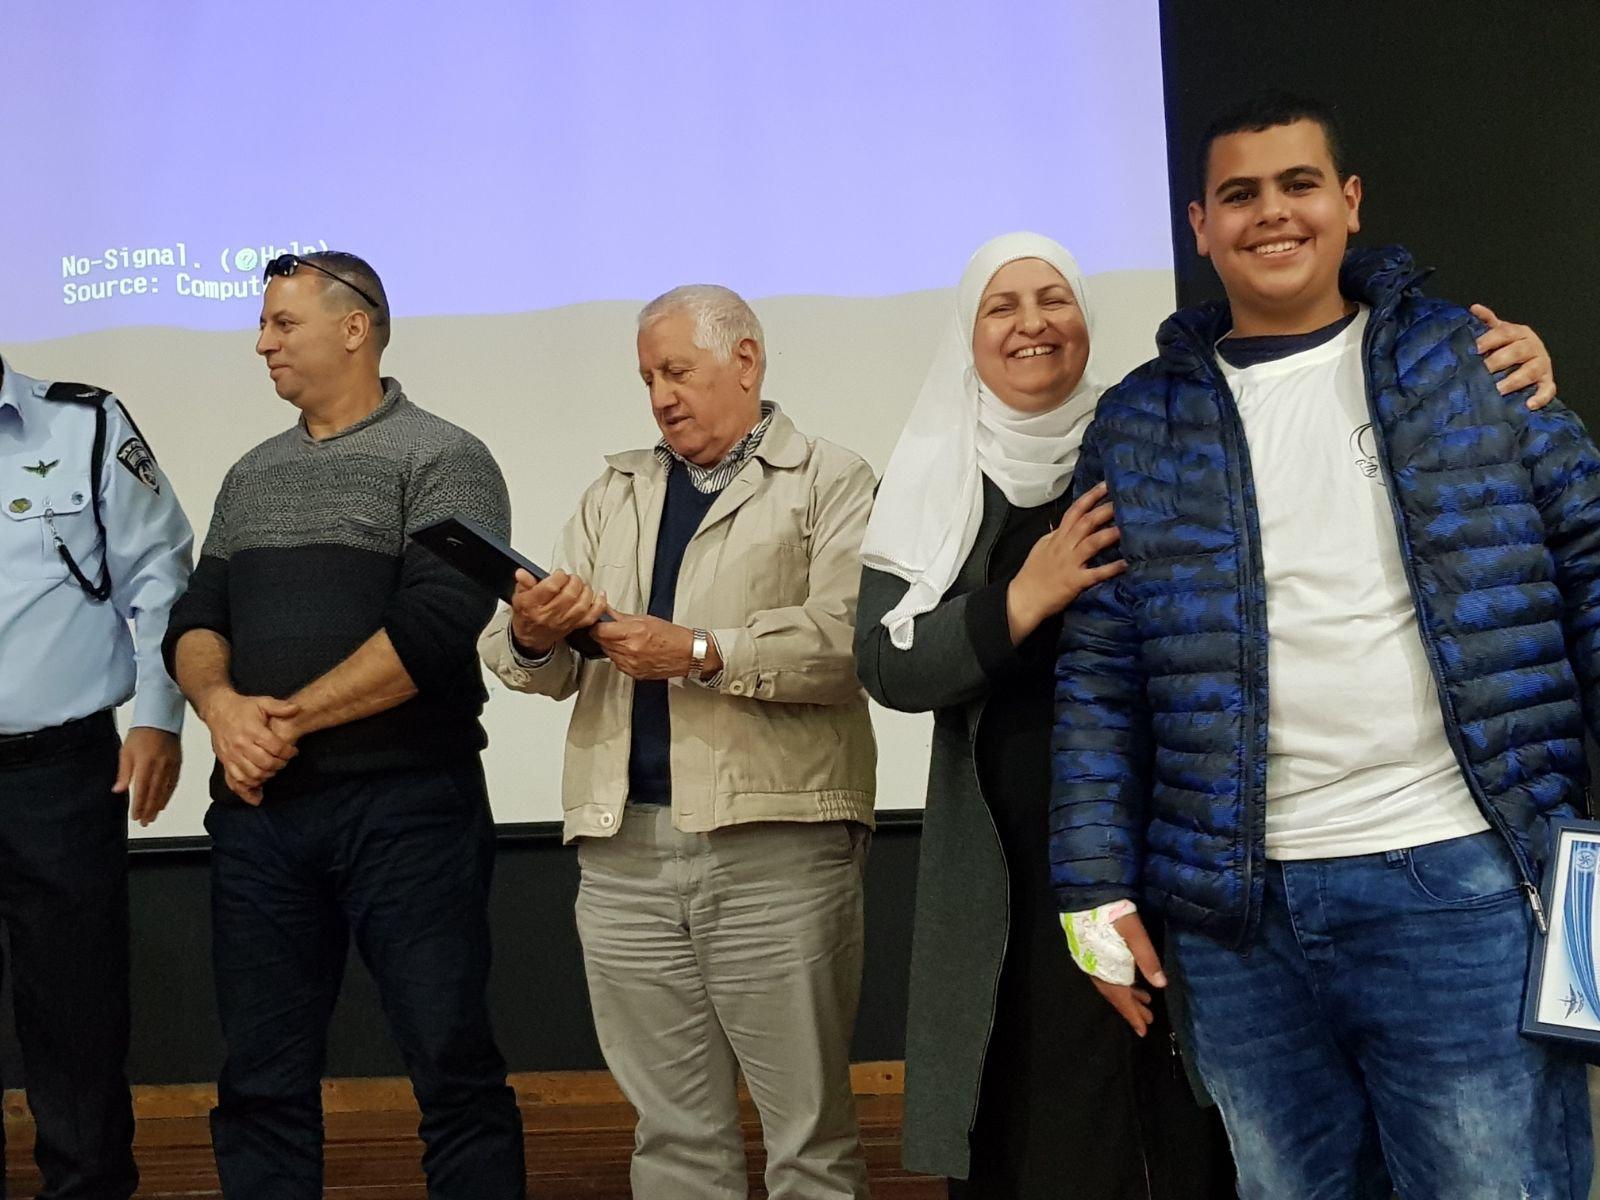 الشبلي أم الغنم: اختتام مشروع ميلا وتكريم المشاركين وسط أجواء بهيجة